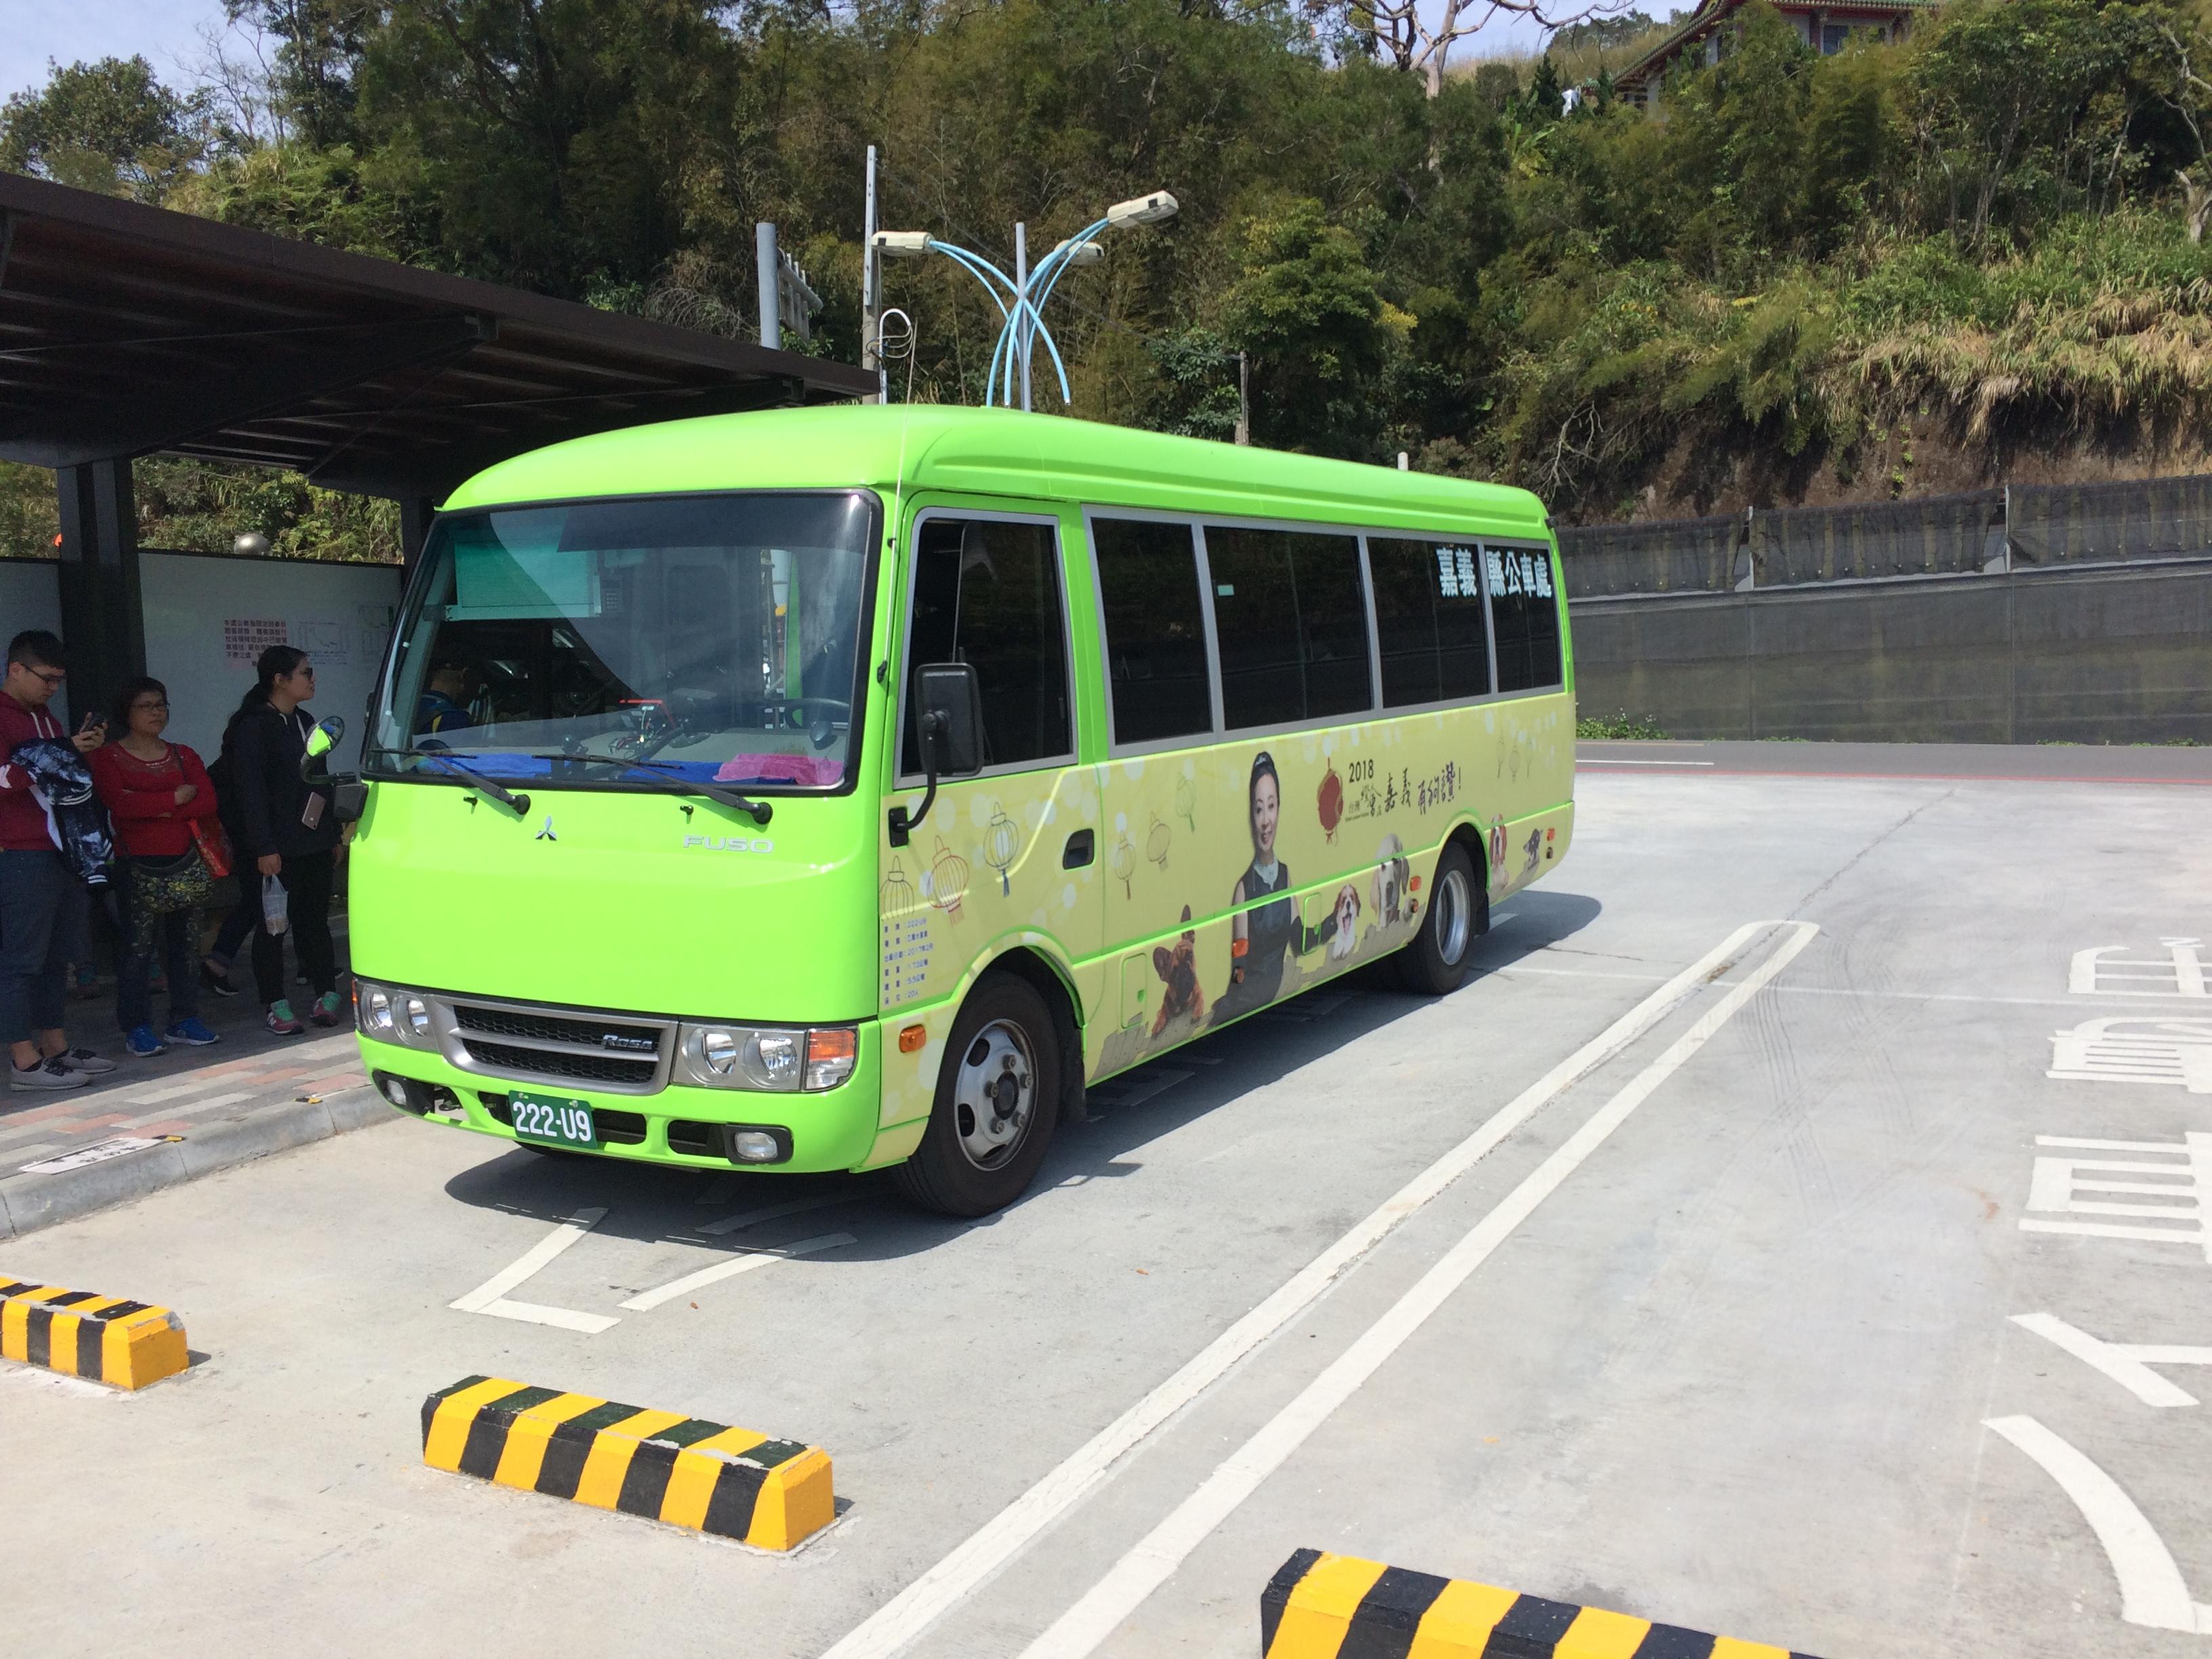 File:Chiayi County Bus 222-U9 at Taiping Suspension Bridge